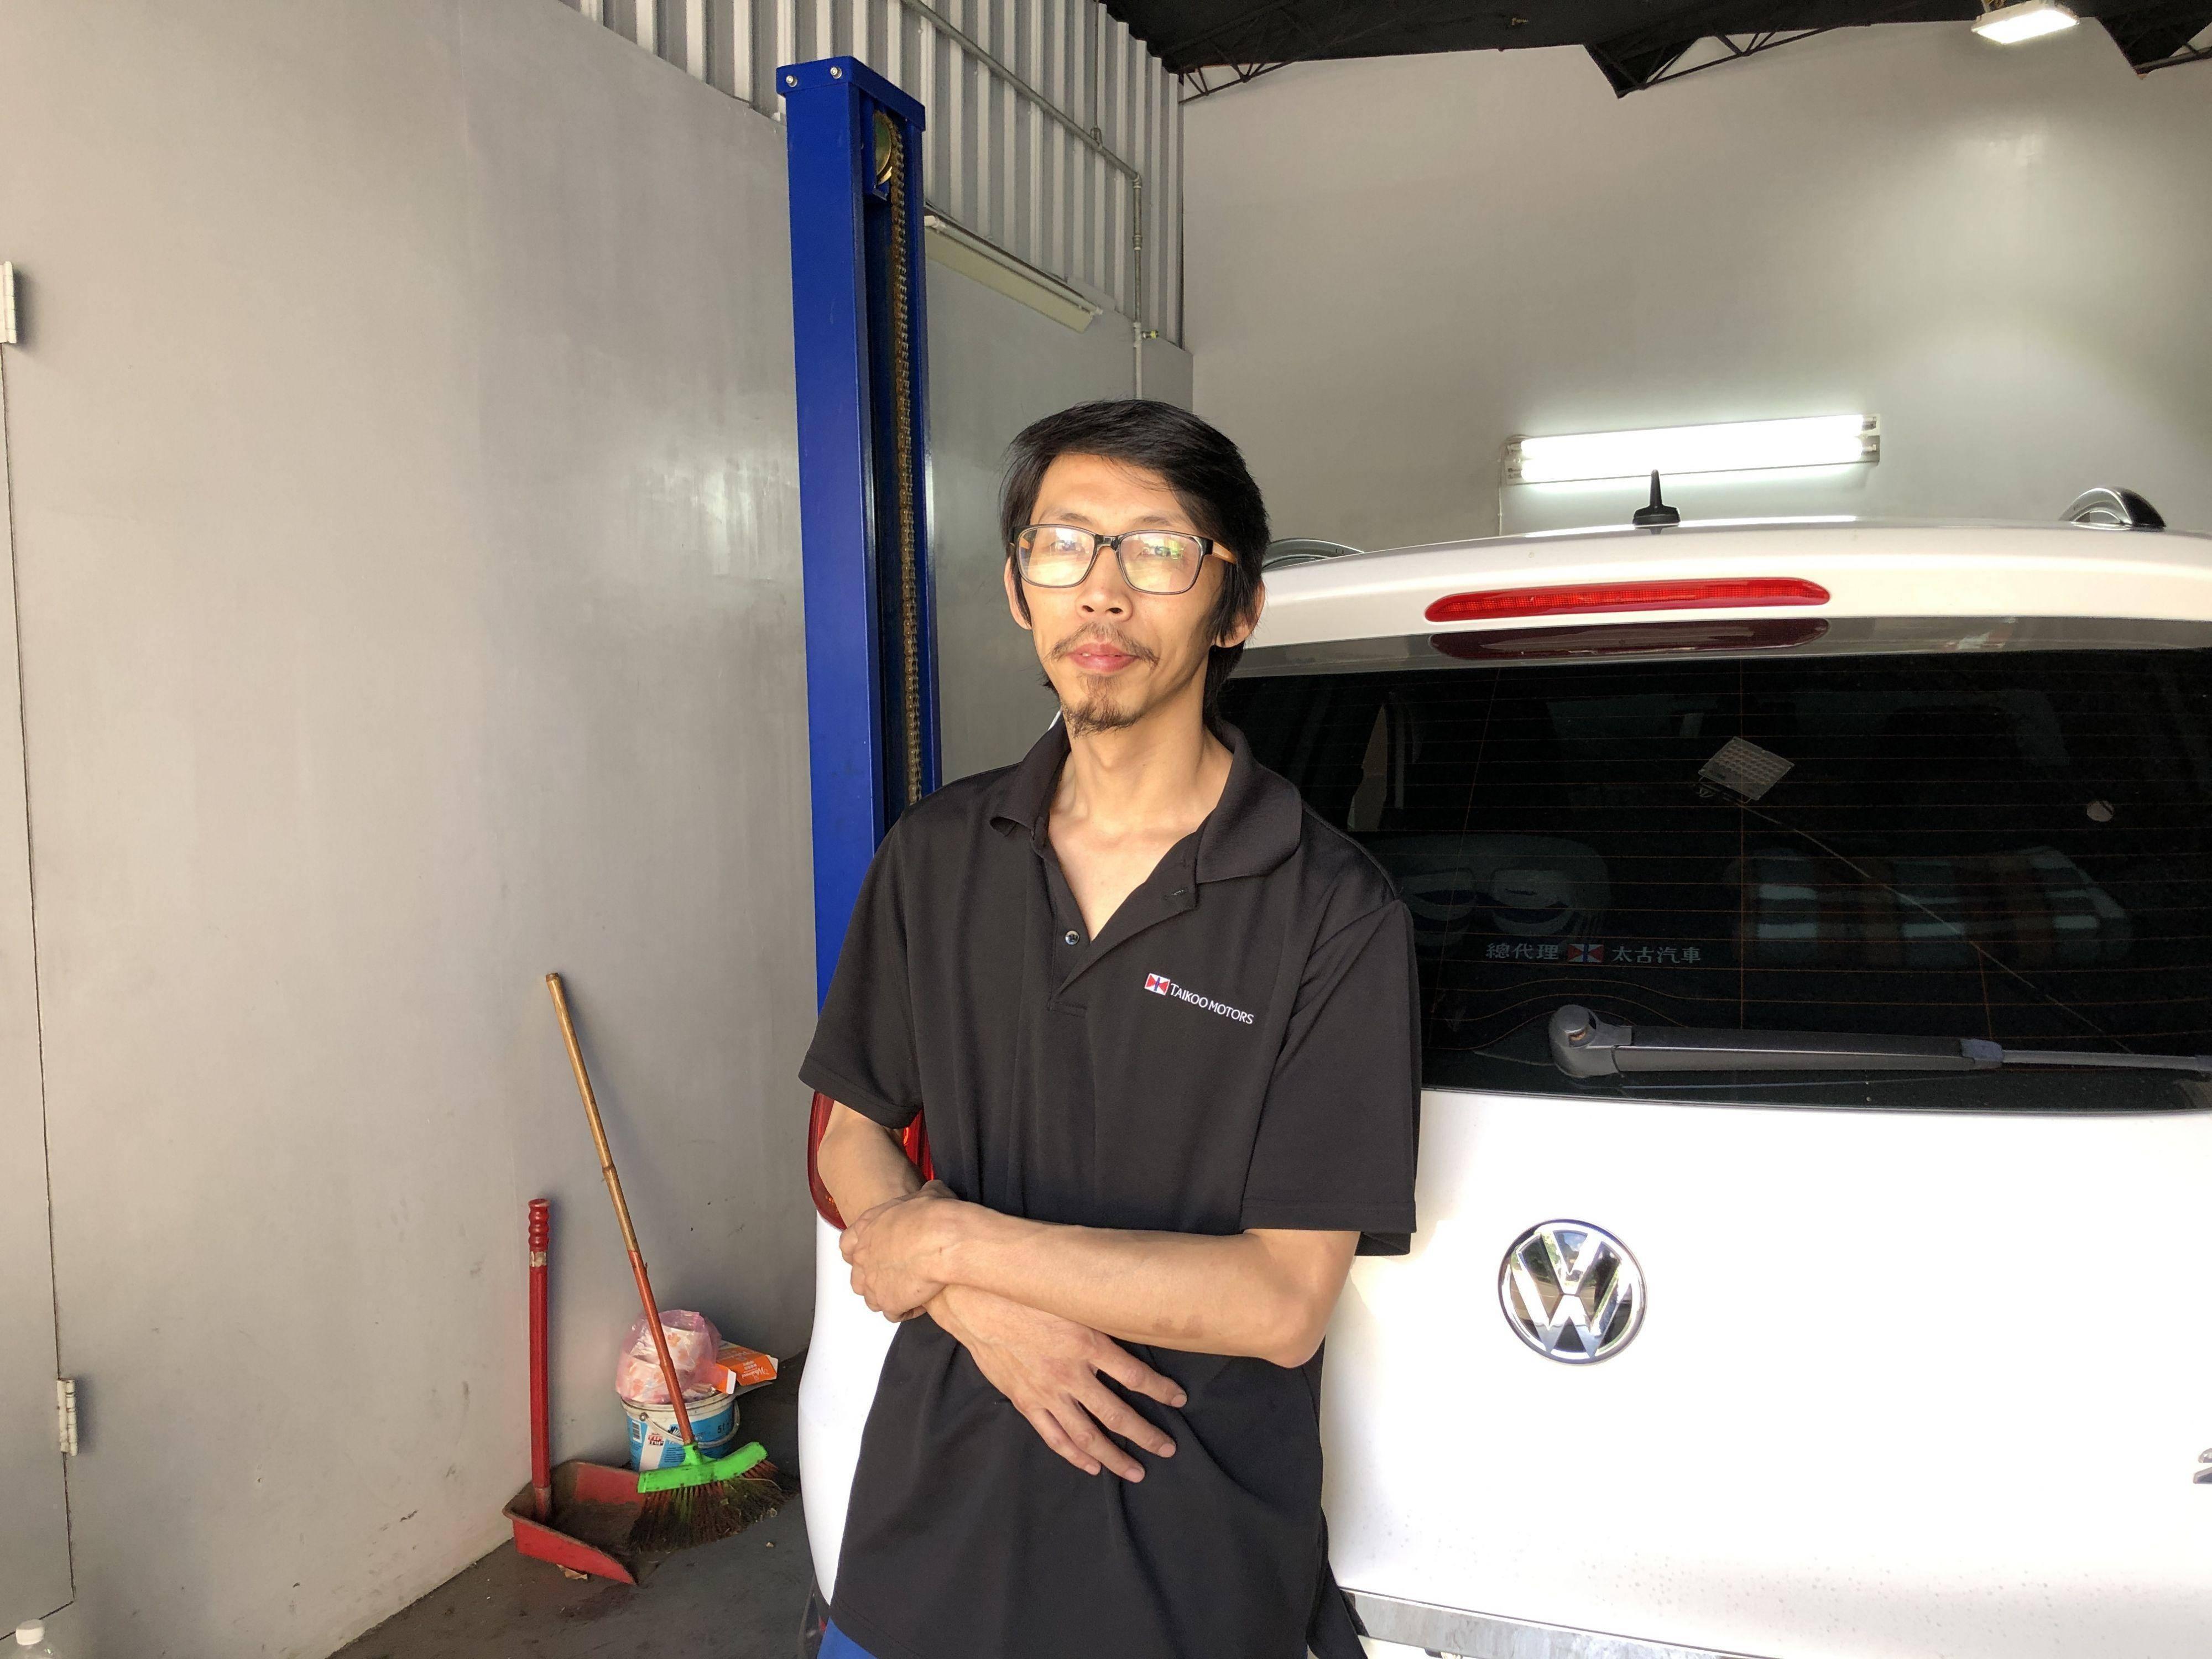 福鑫汽車歡迎您的蒞臨指教,提供原廠般的專業技術服務,照顧好您的行車安全。